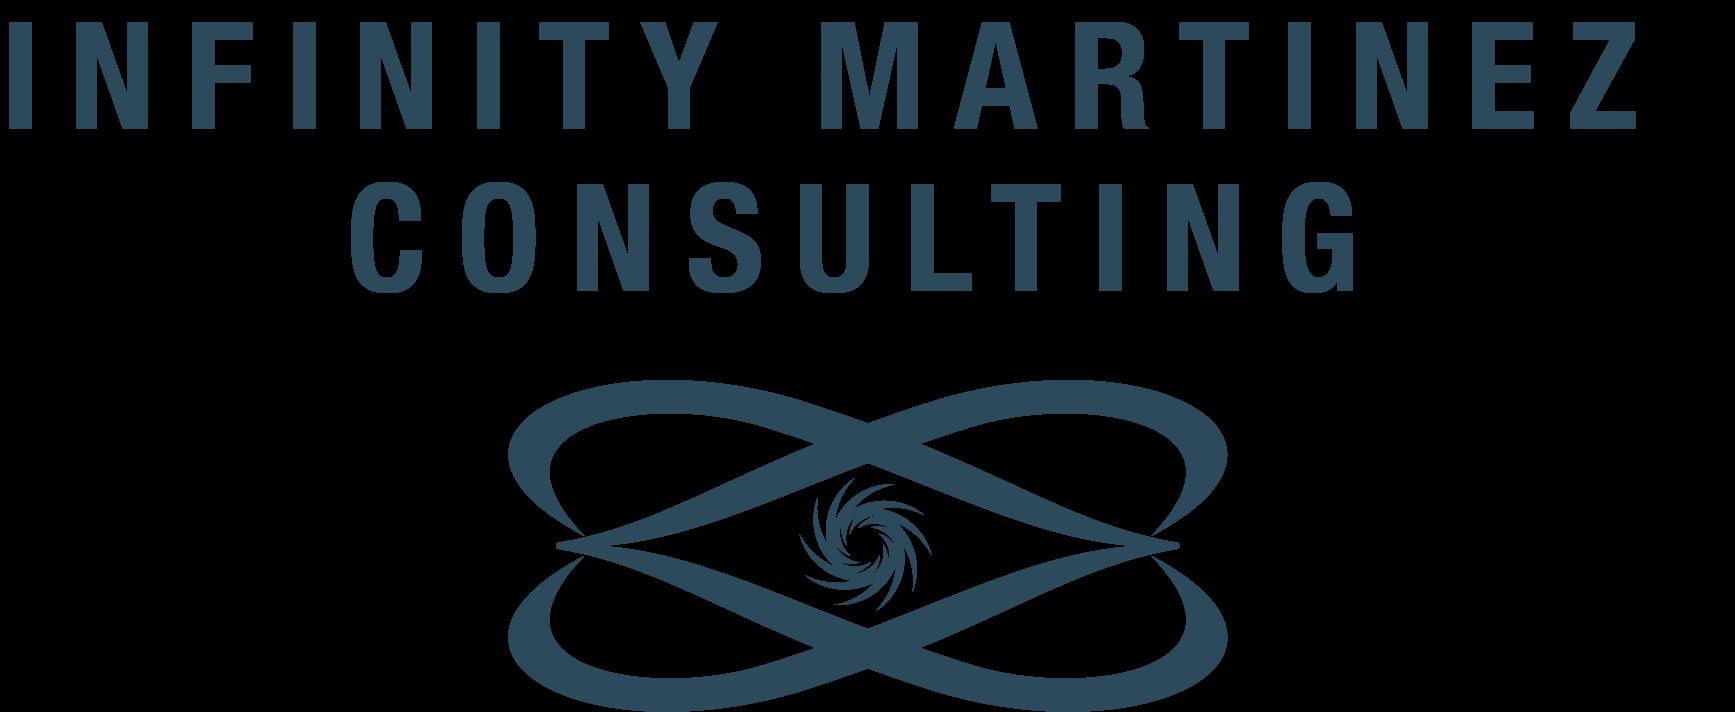 dr. becky martinez